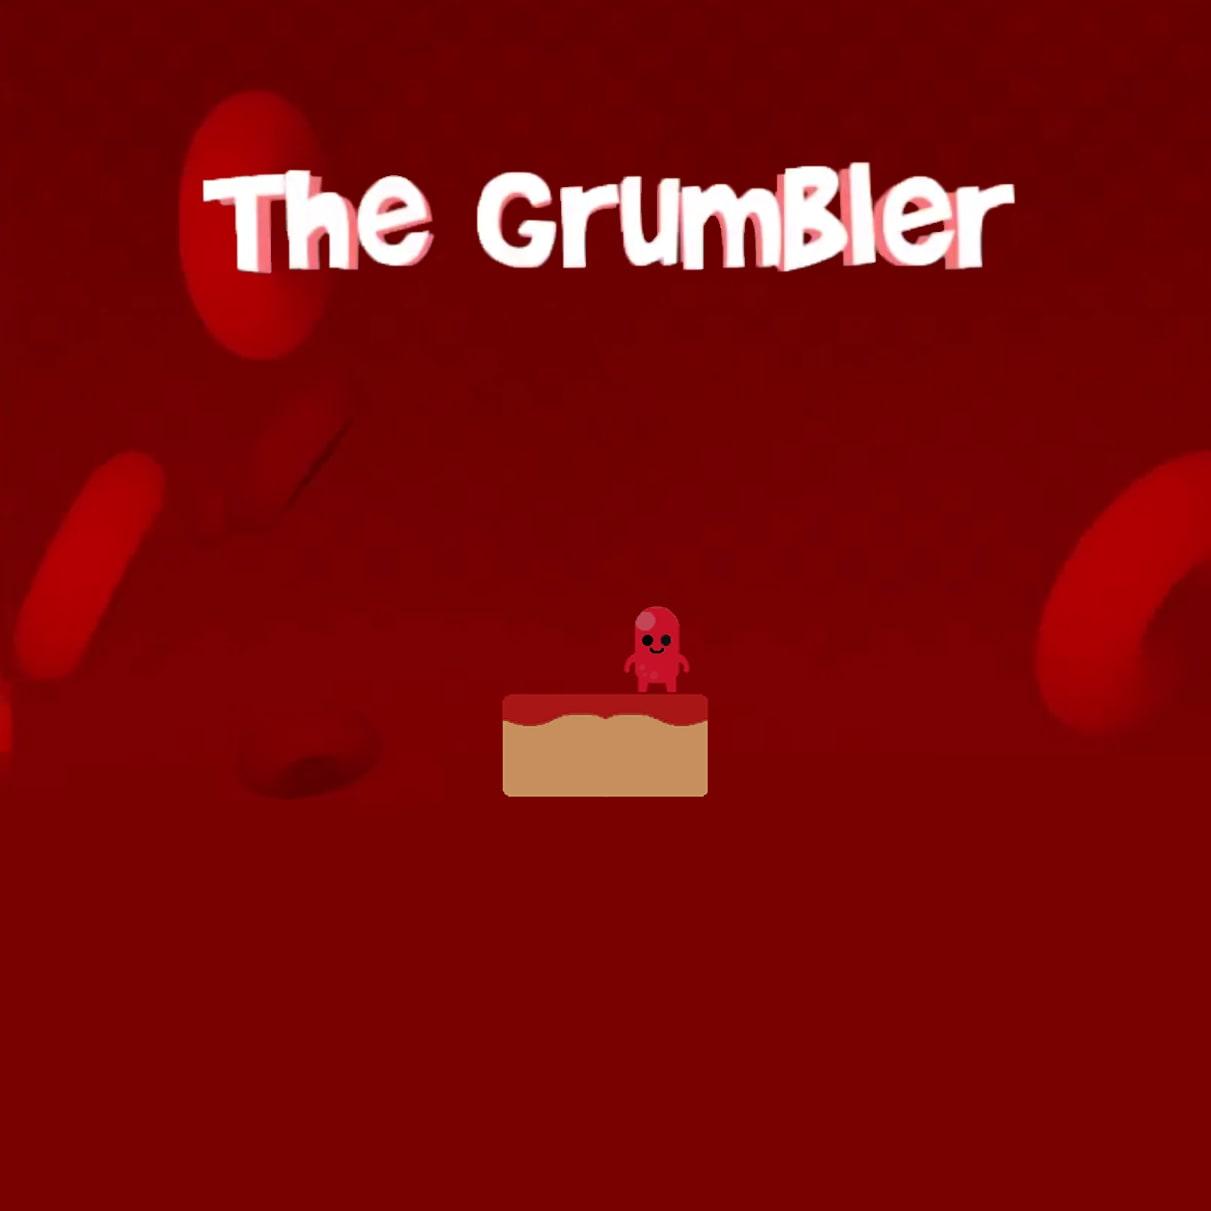 The Grumbler